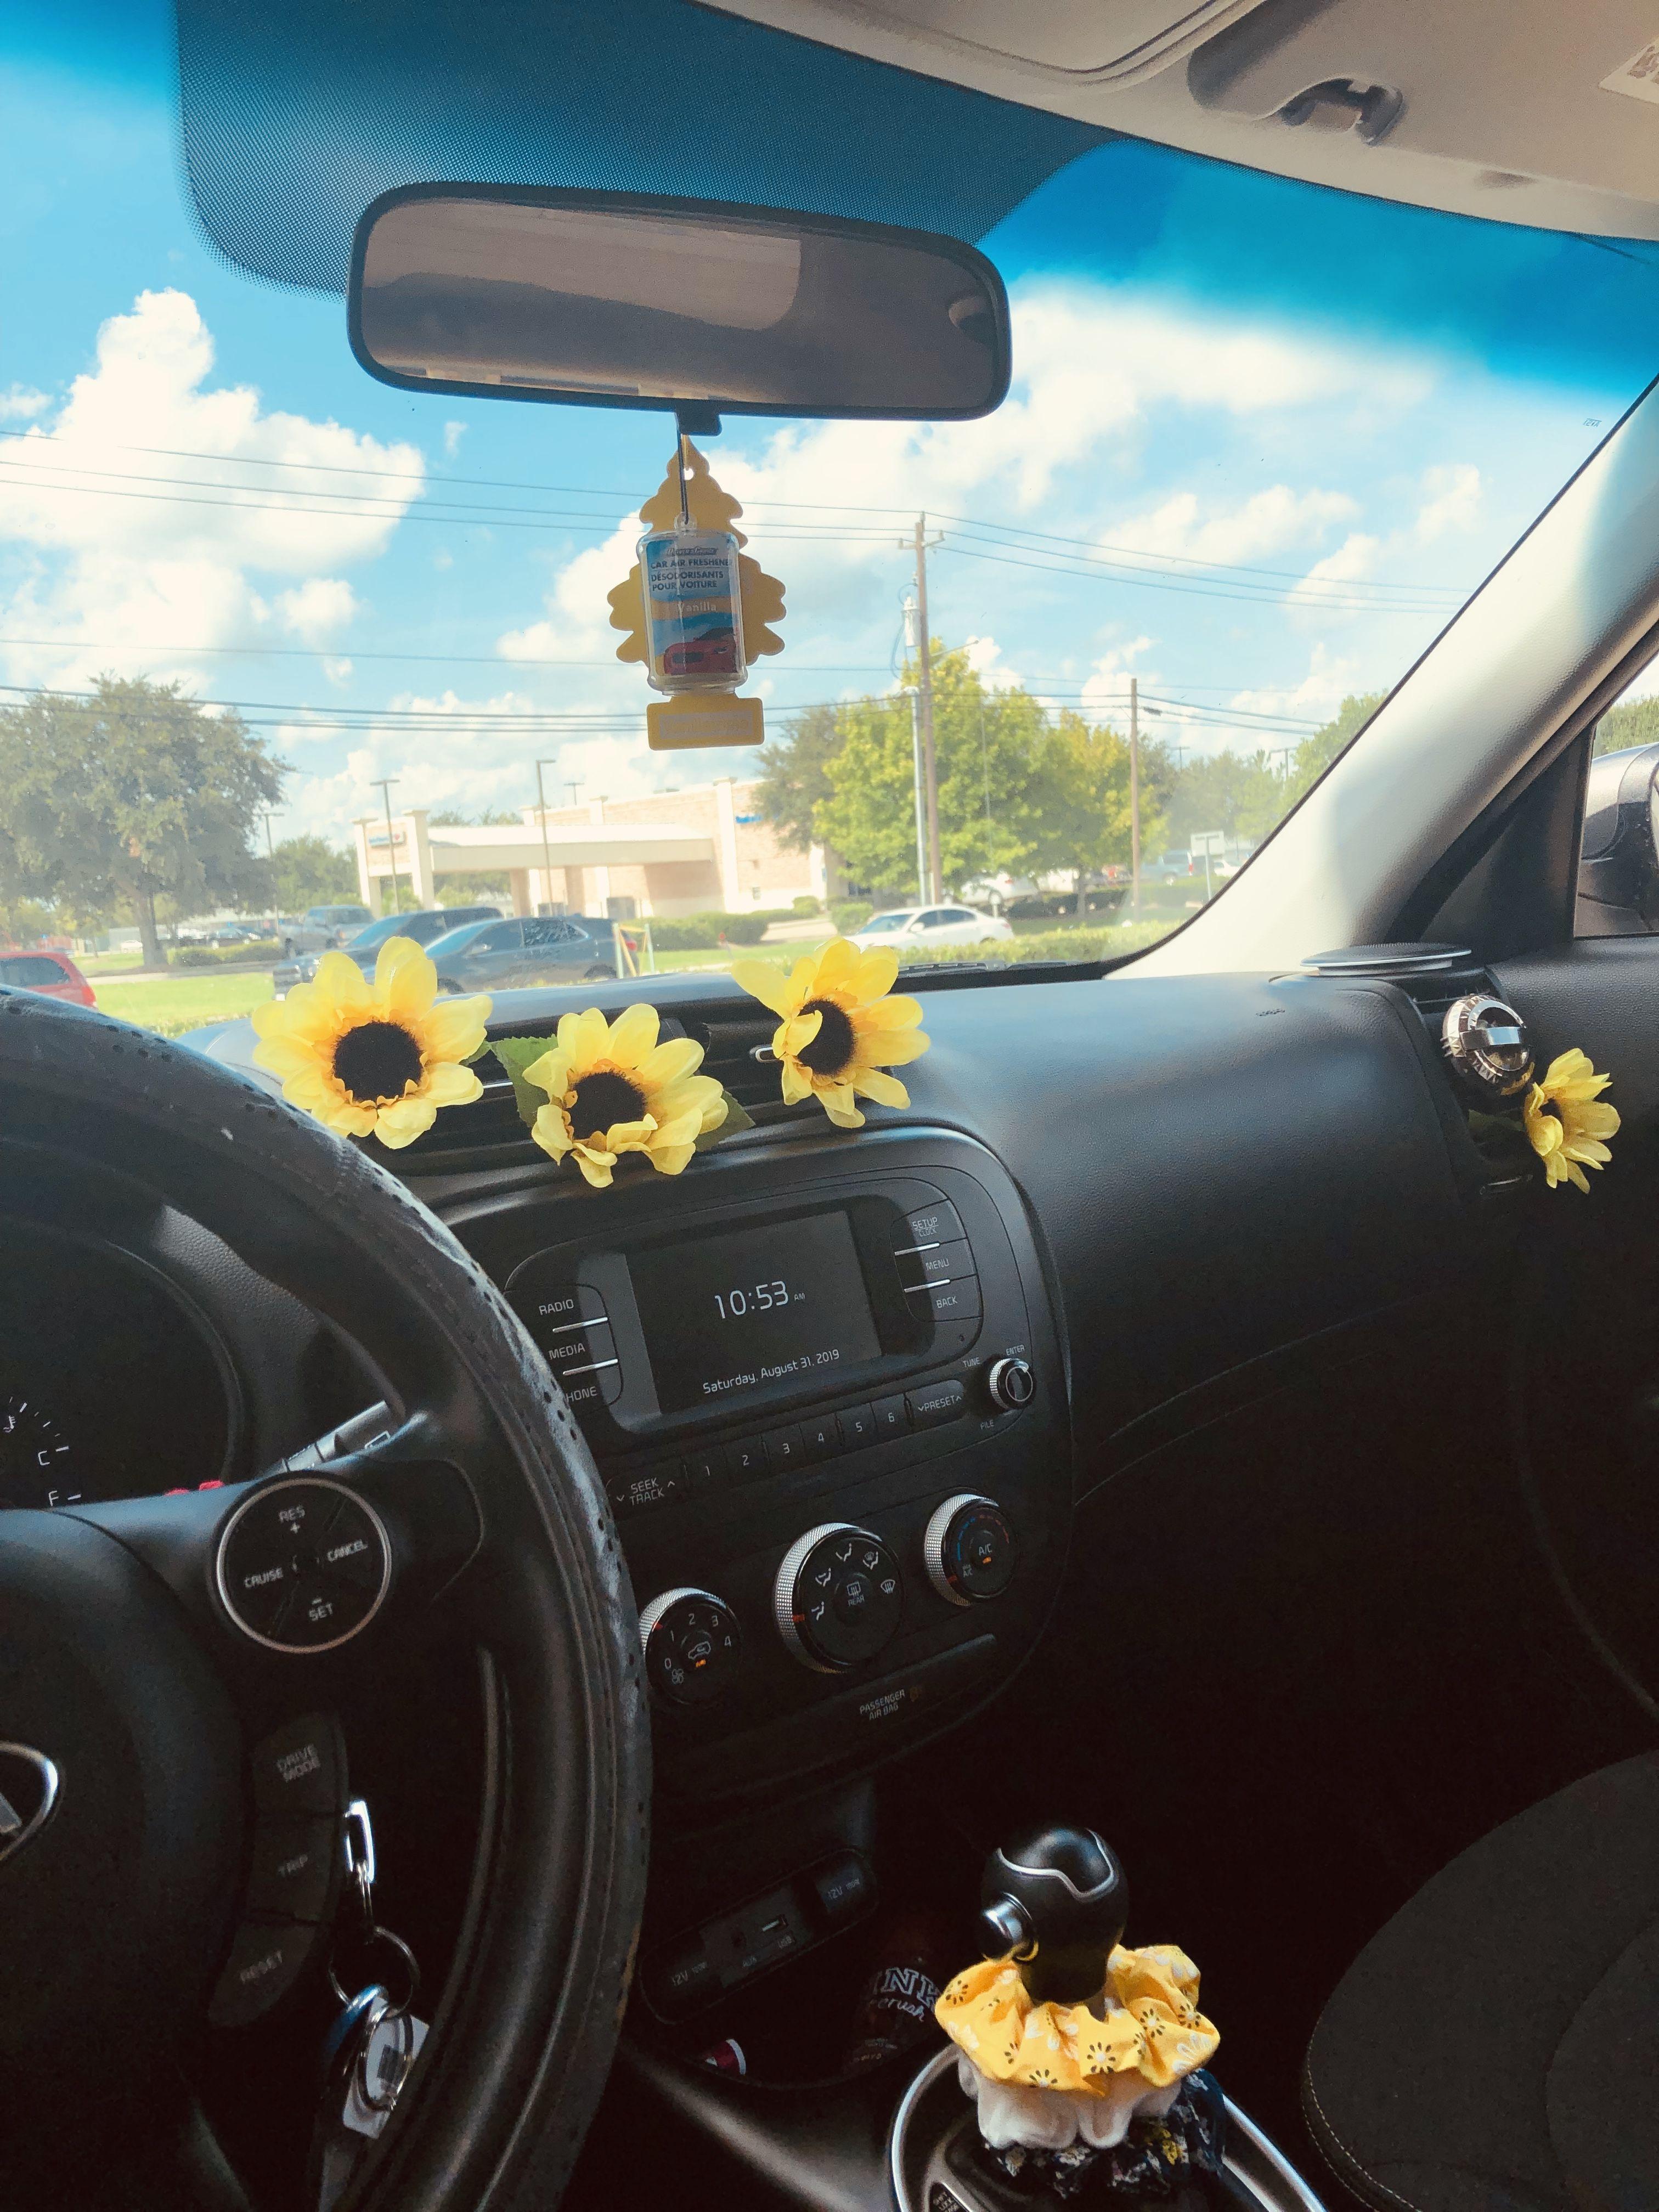 Cute car looks 💛